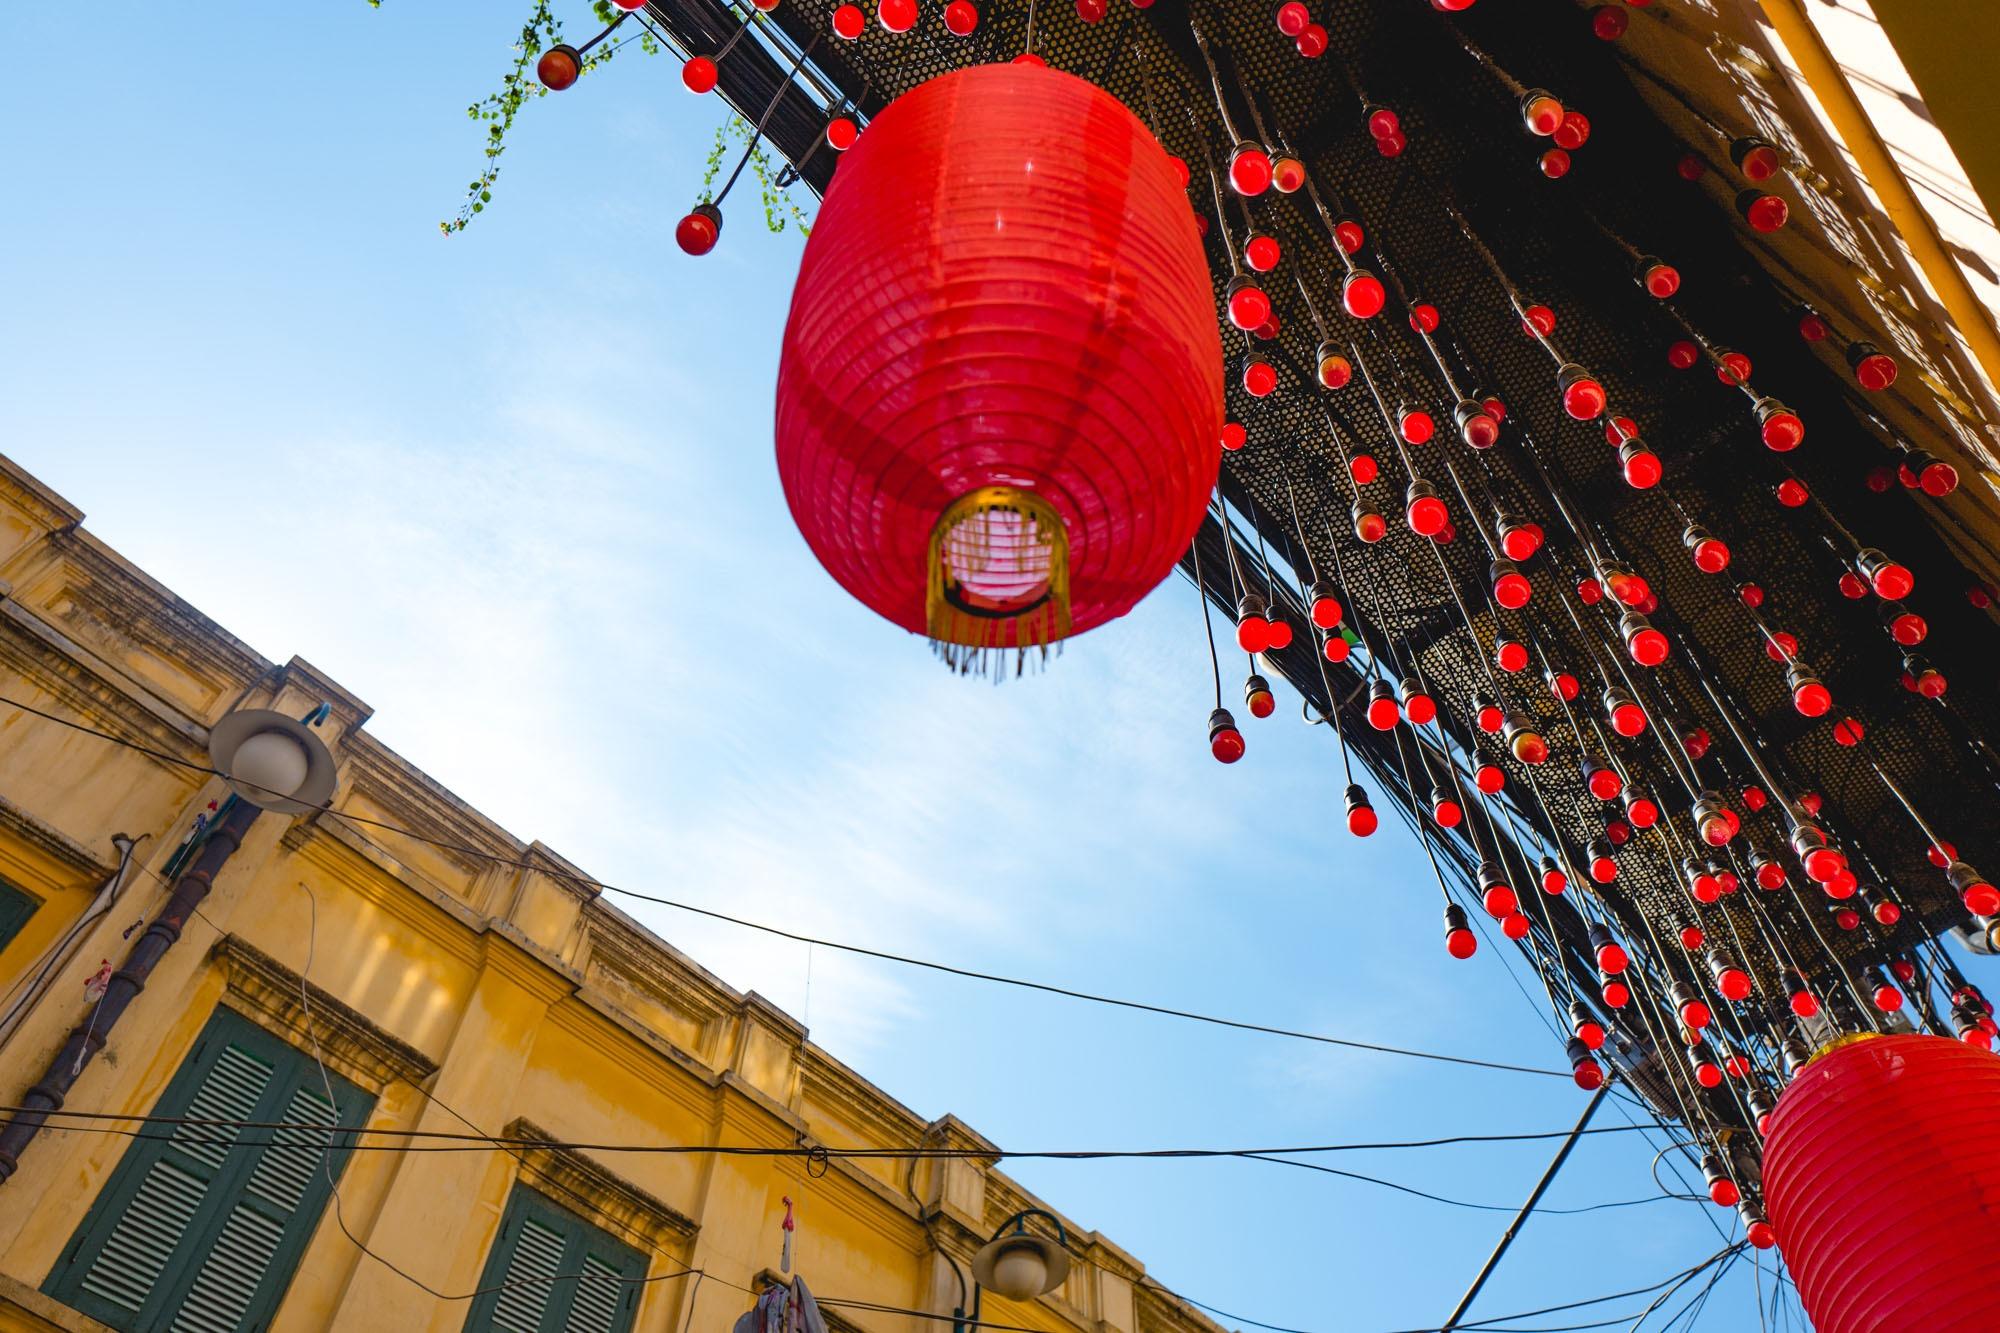 Viet Nam - Hanoi